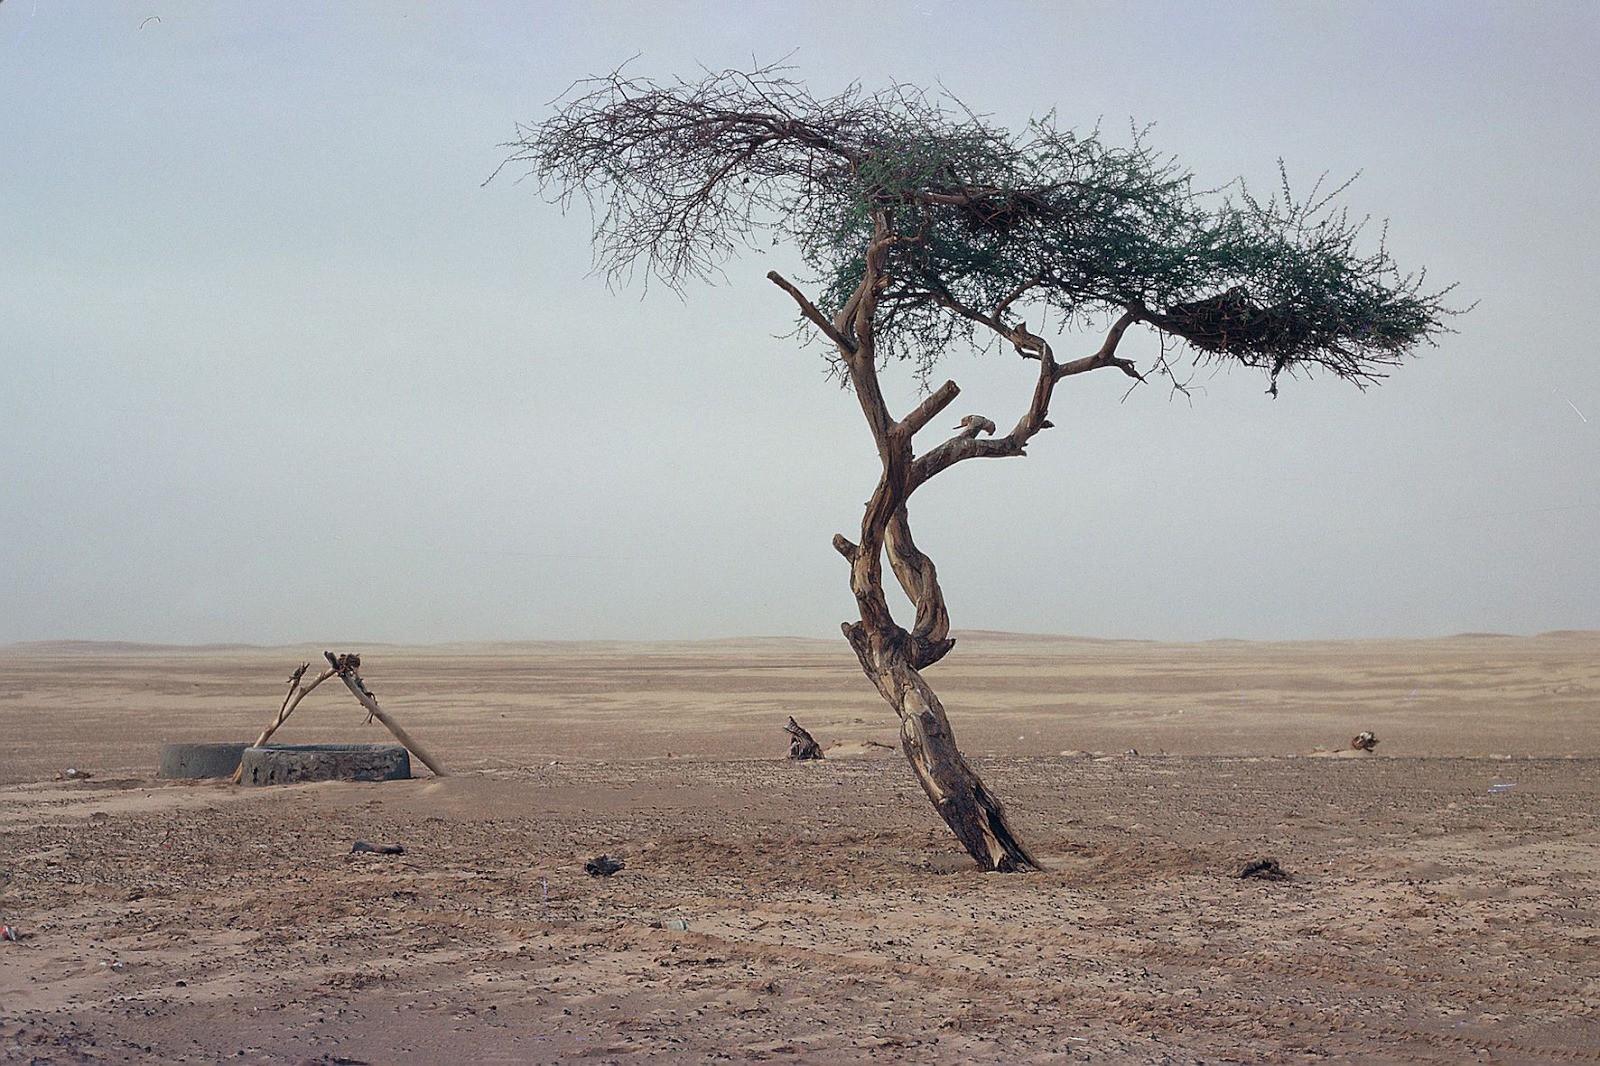 Những cái cây cô độc nhất hành tinh: Vẻ đẹp của sự lẻ loi khiến chúng trở nên nổi tiếng - Ảnh 6.